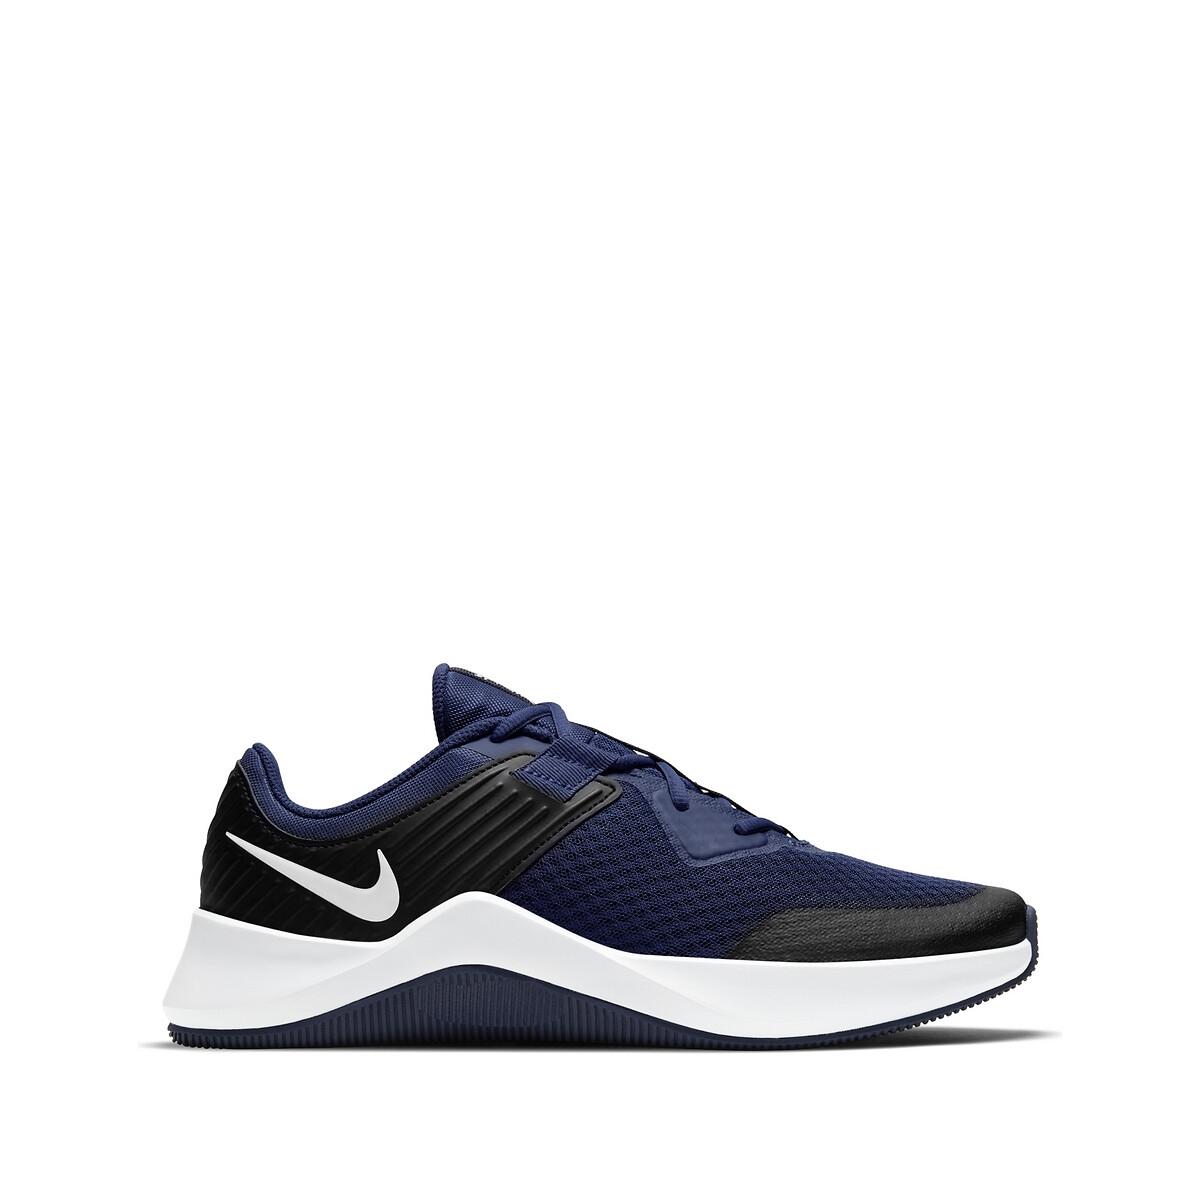 Nike MC Trainer Midnight Navy/Black/White Heren online kopen